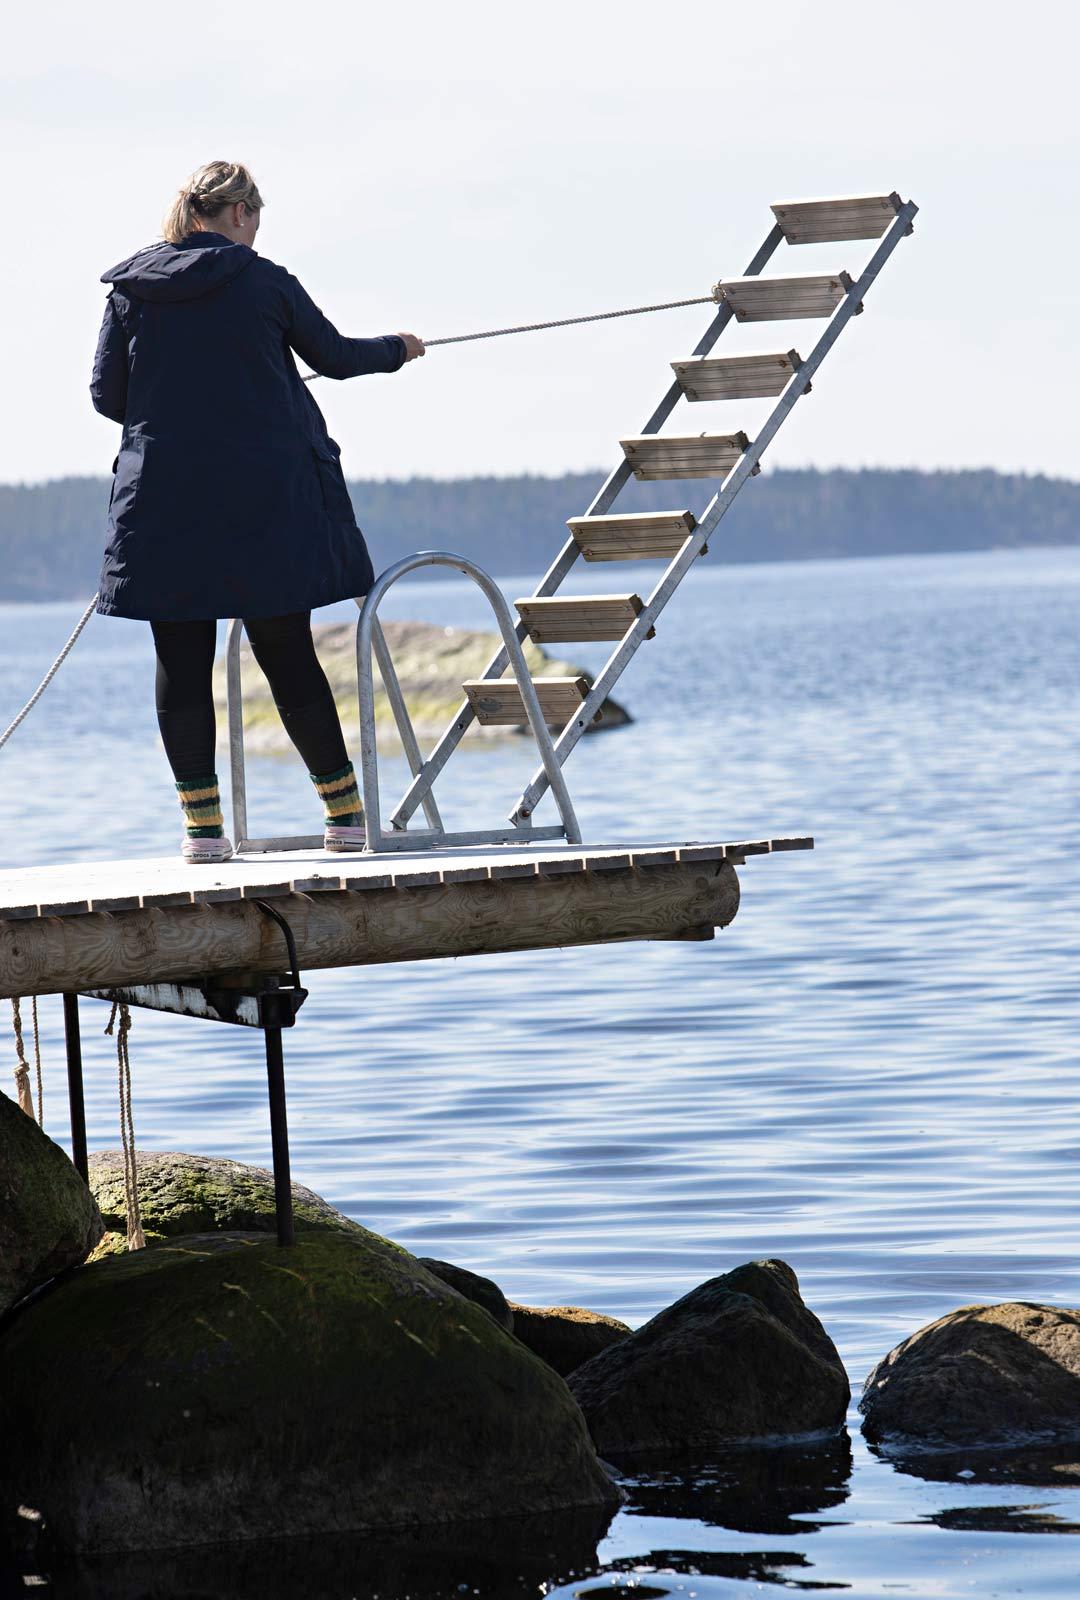 Anneli Juutilaisen perhe koronaevakossa mökillä.